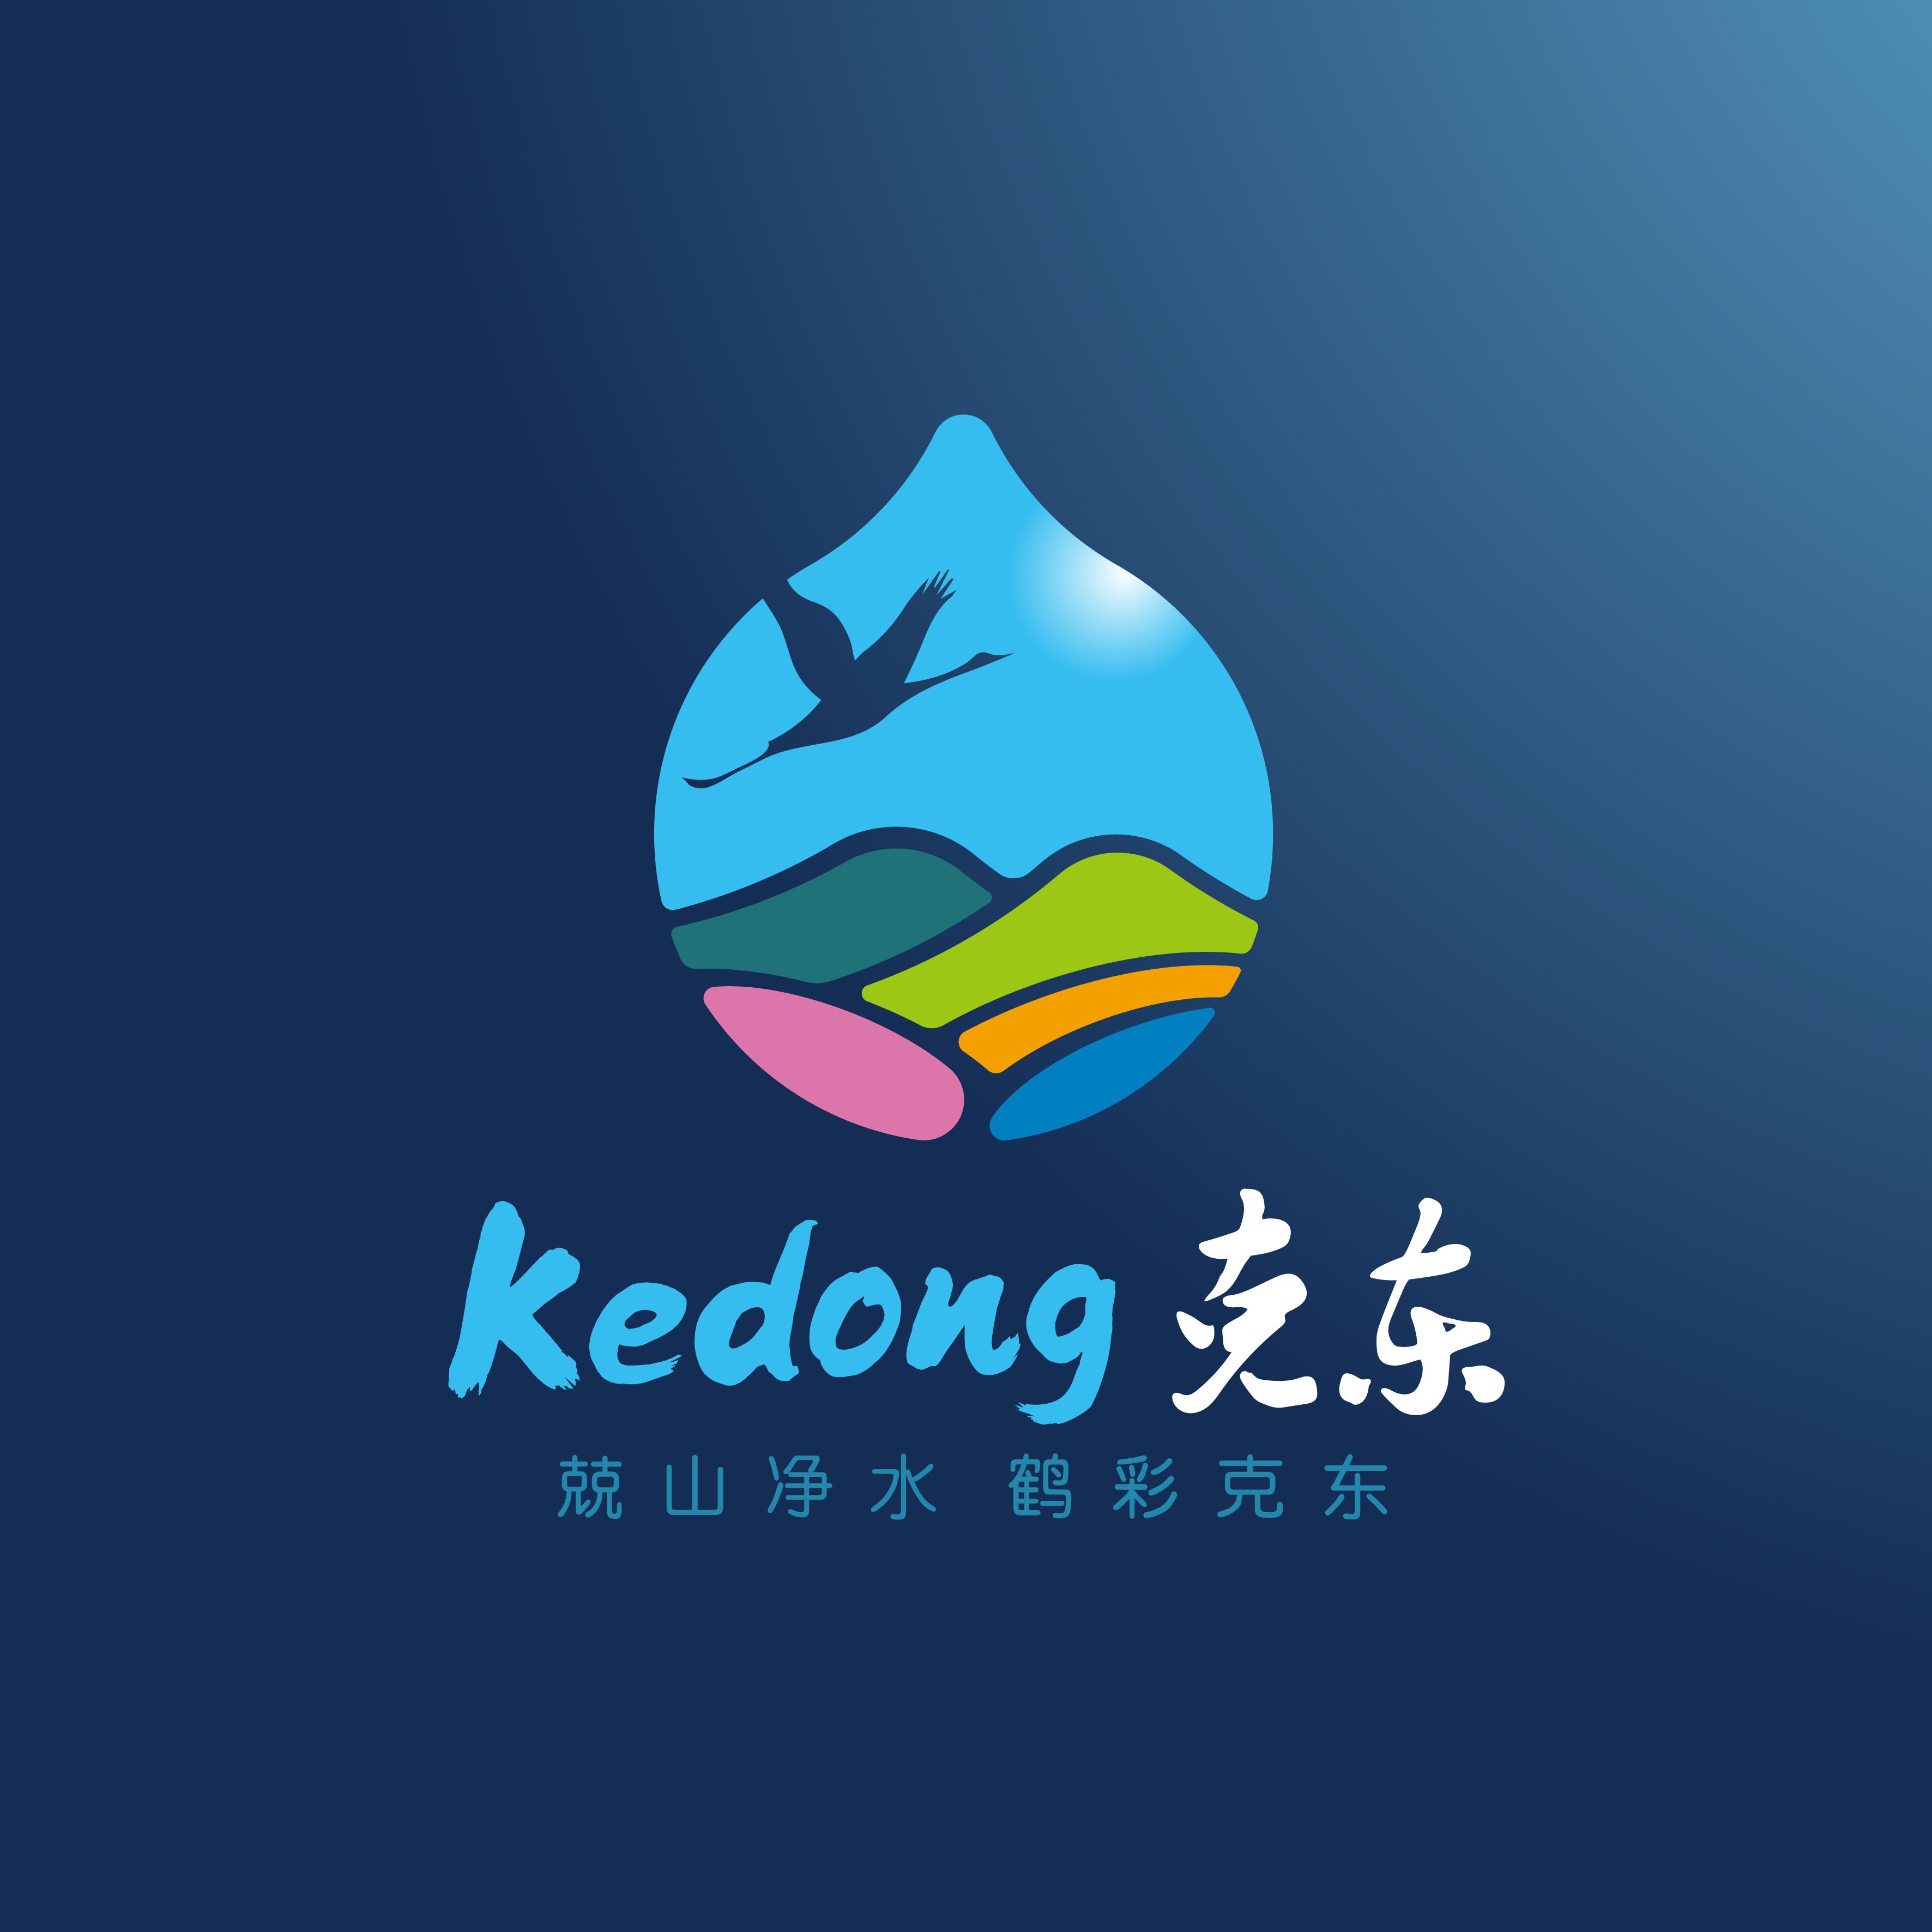 克东X西林 | 克东城市品牌形象设计